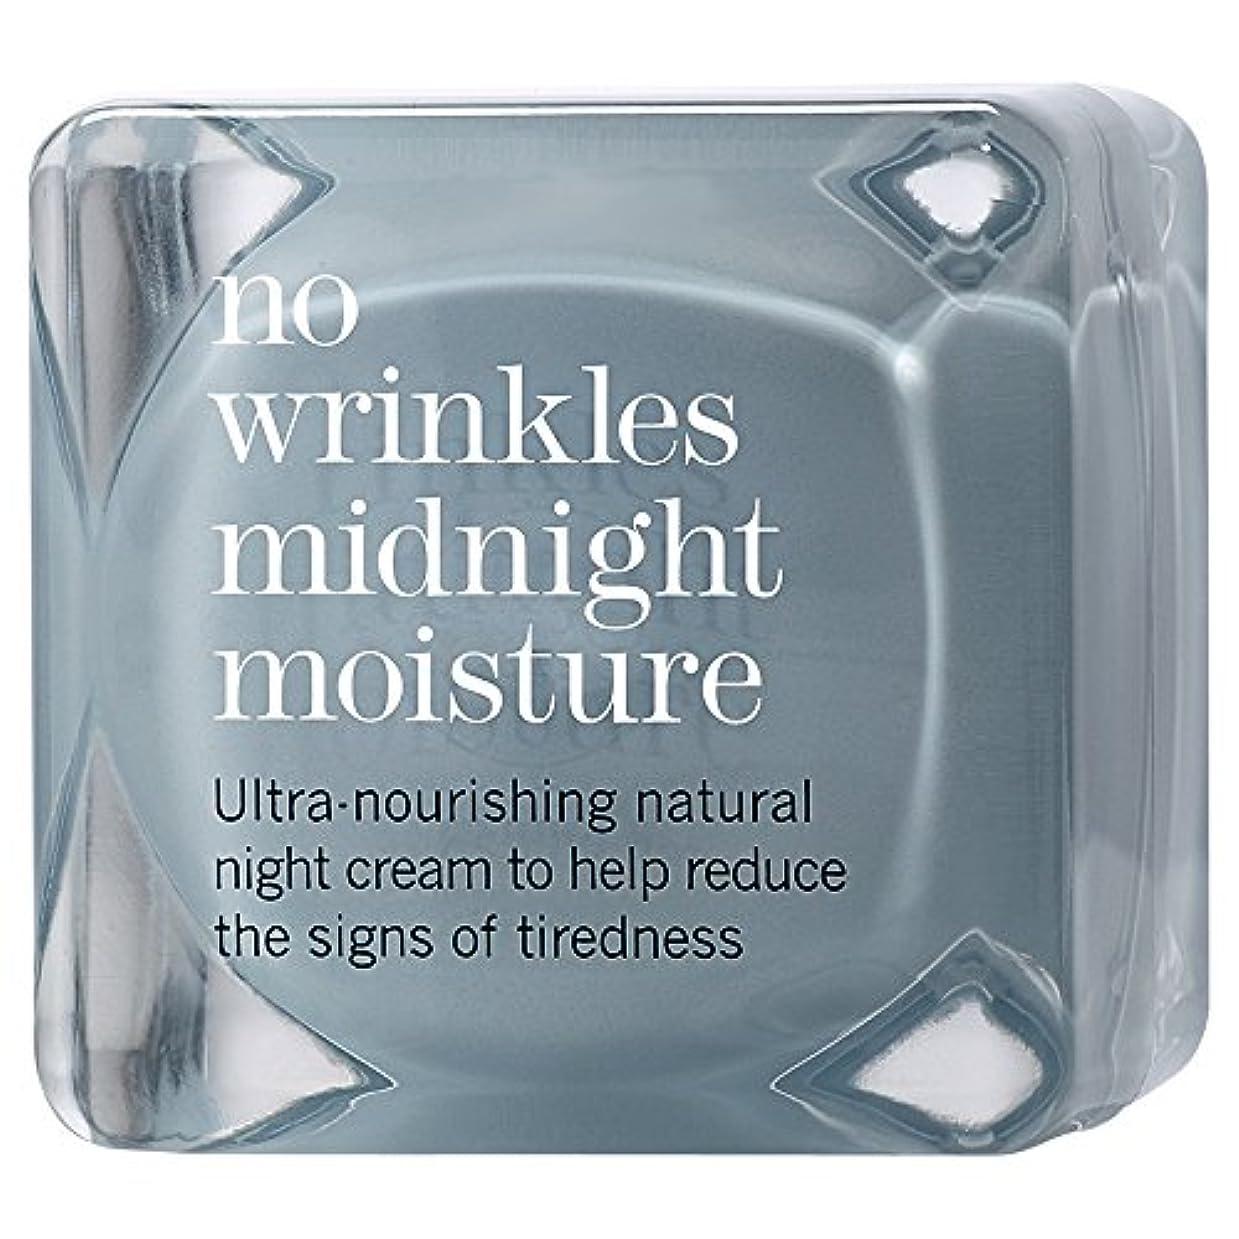 疼痛絵連続したこれにはしわ真夜中の水分48ミリリットルの作品はありません (This Works) (x2) - This Works No Wrinkles Midnight Moisture 48ml (Pack of 2) [並行輸入品]